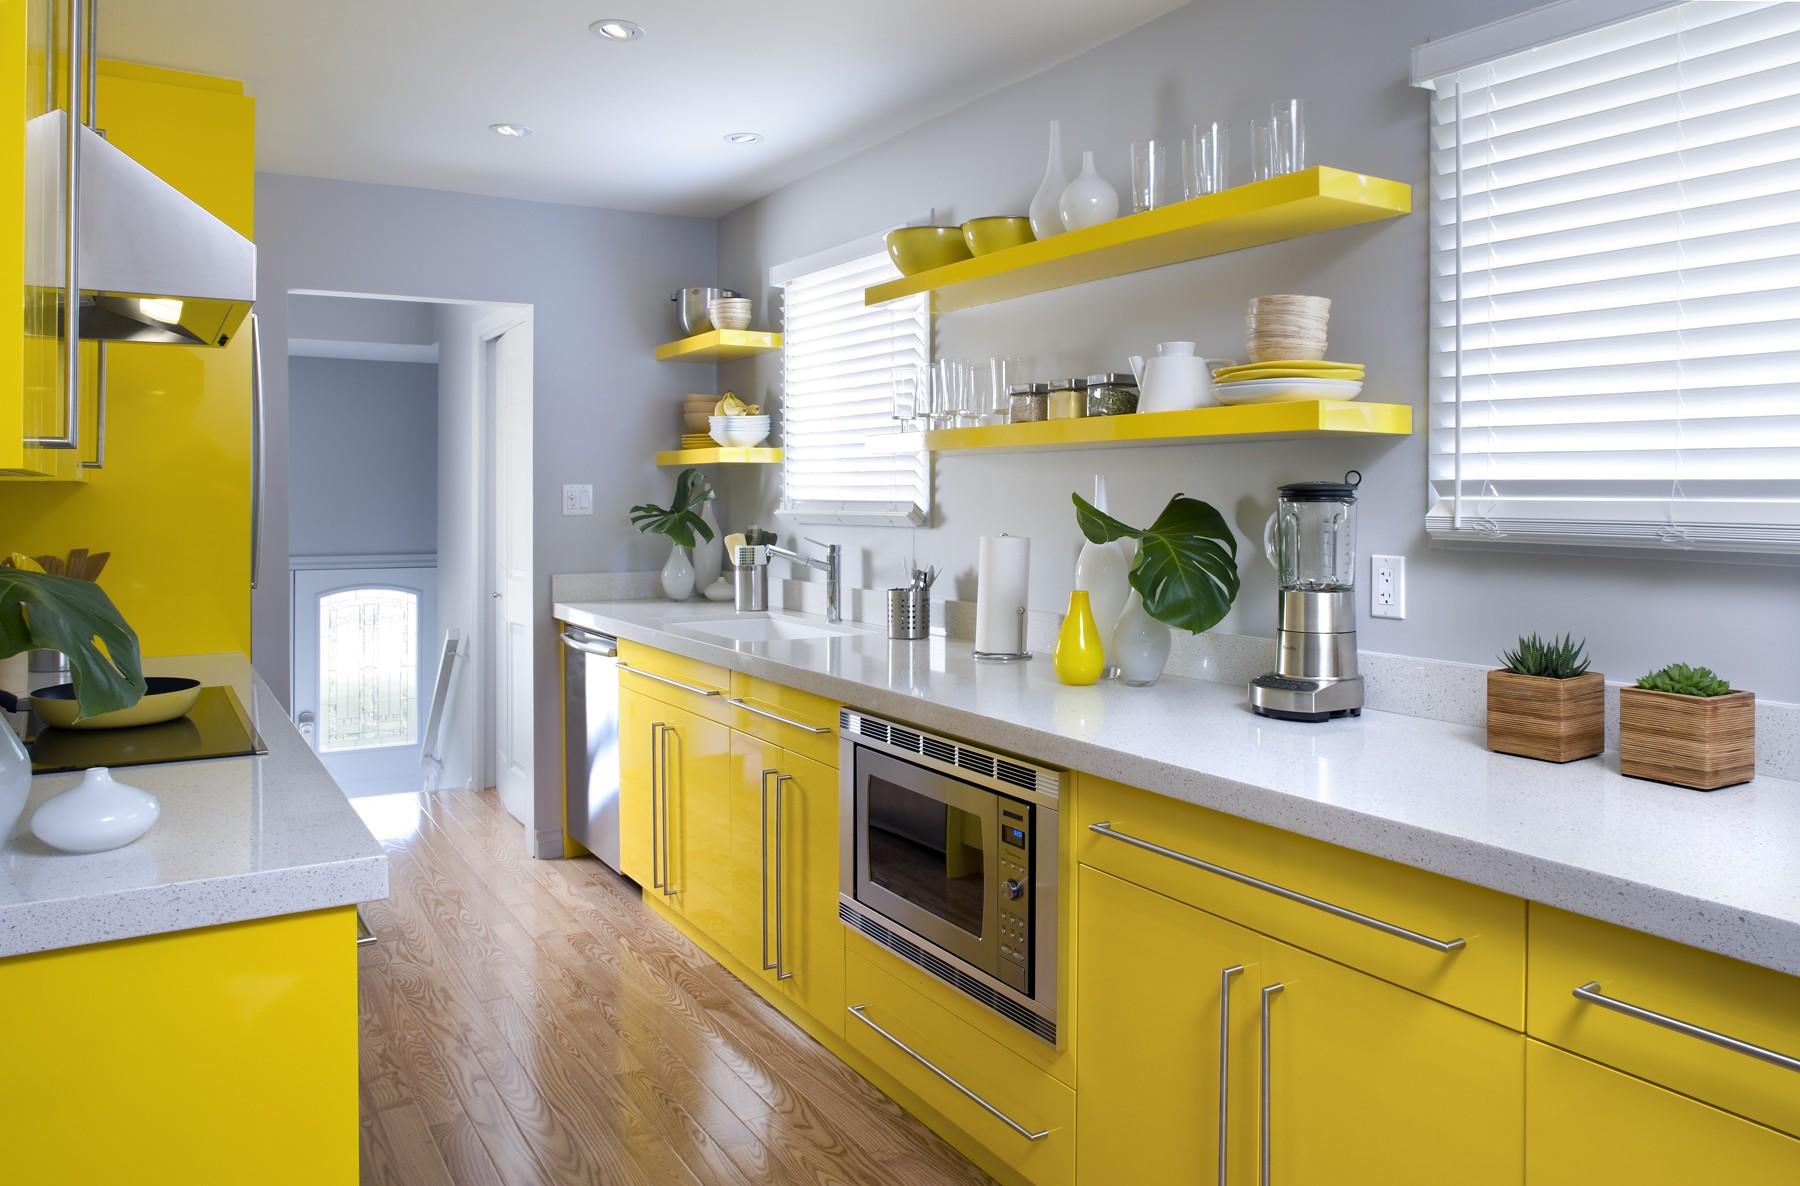 полки на кухне вместо навесных шкафов идеи дизайна